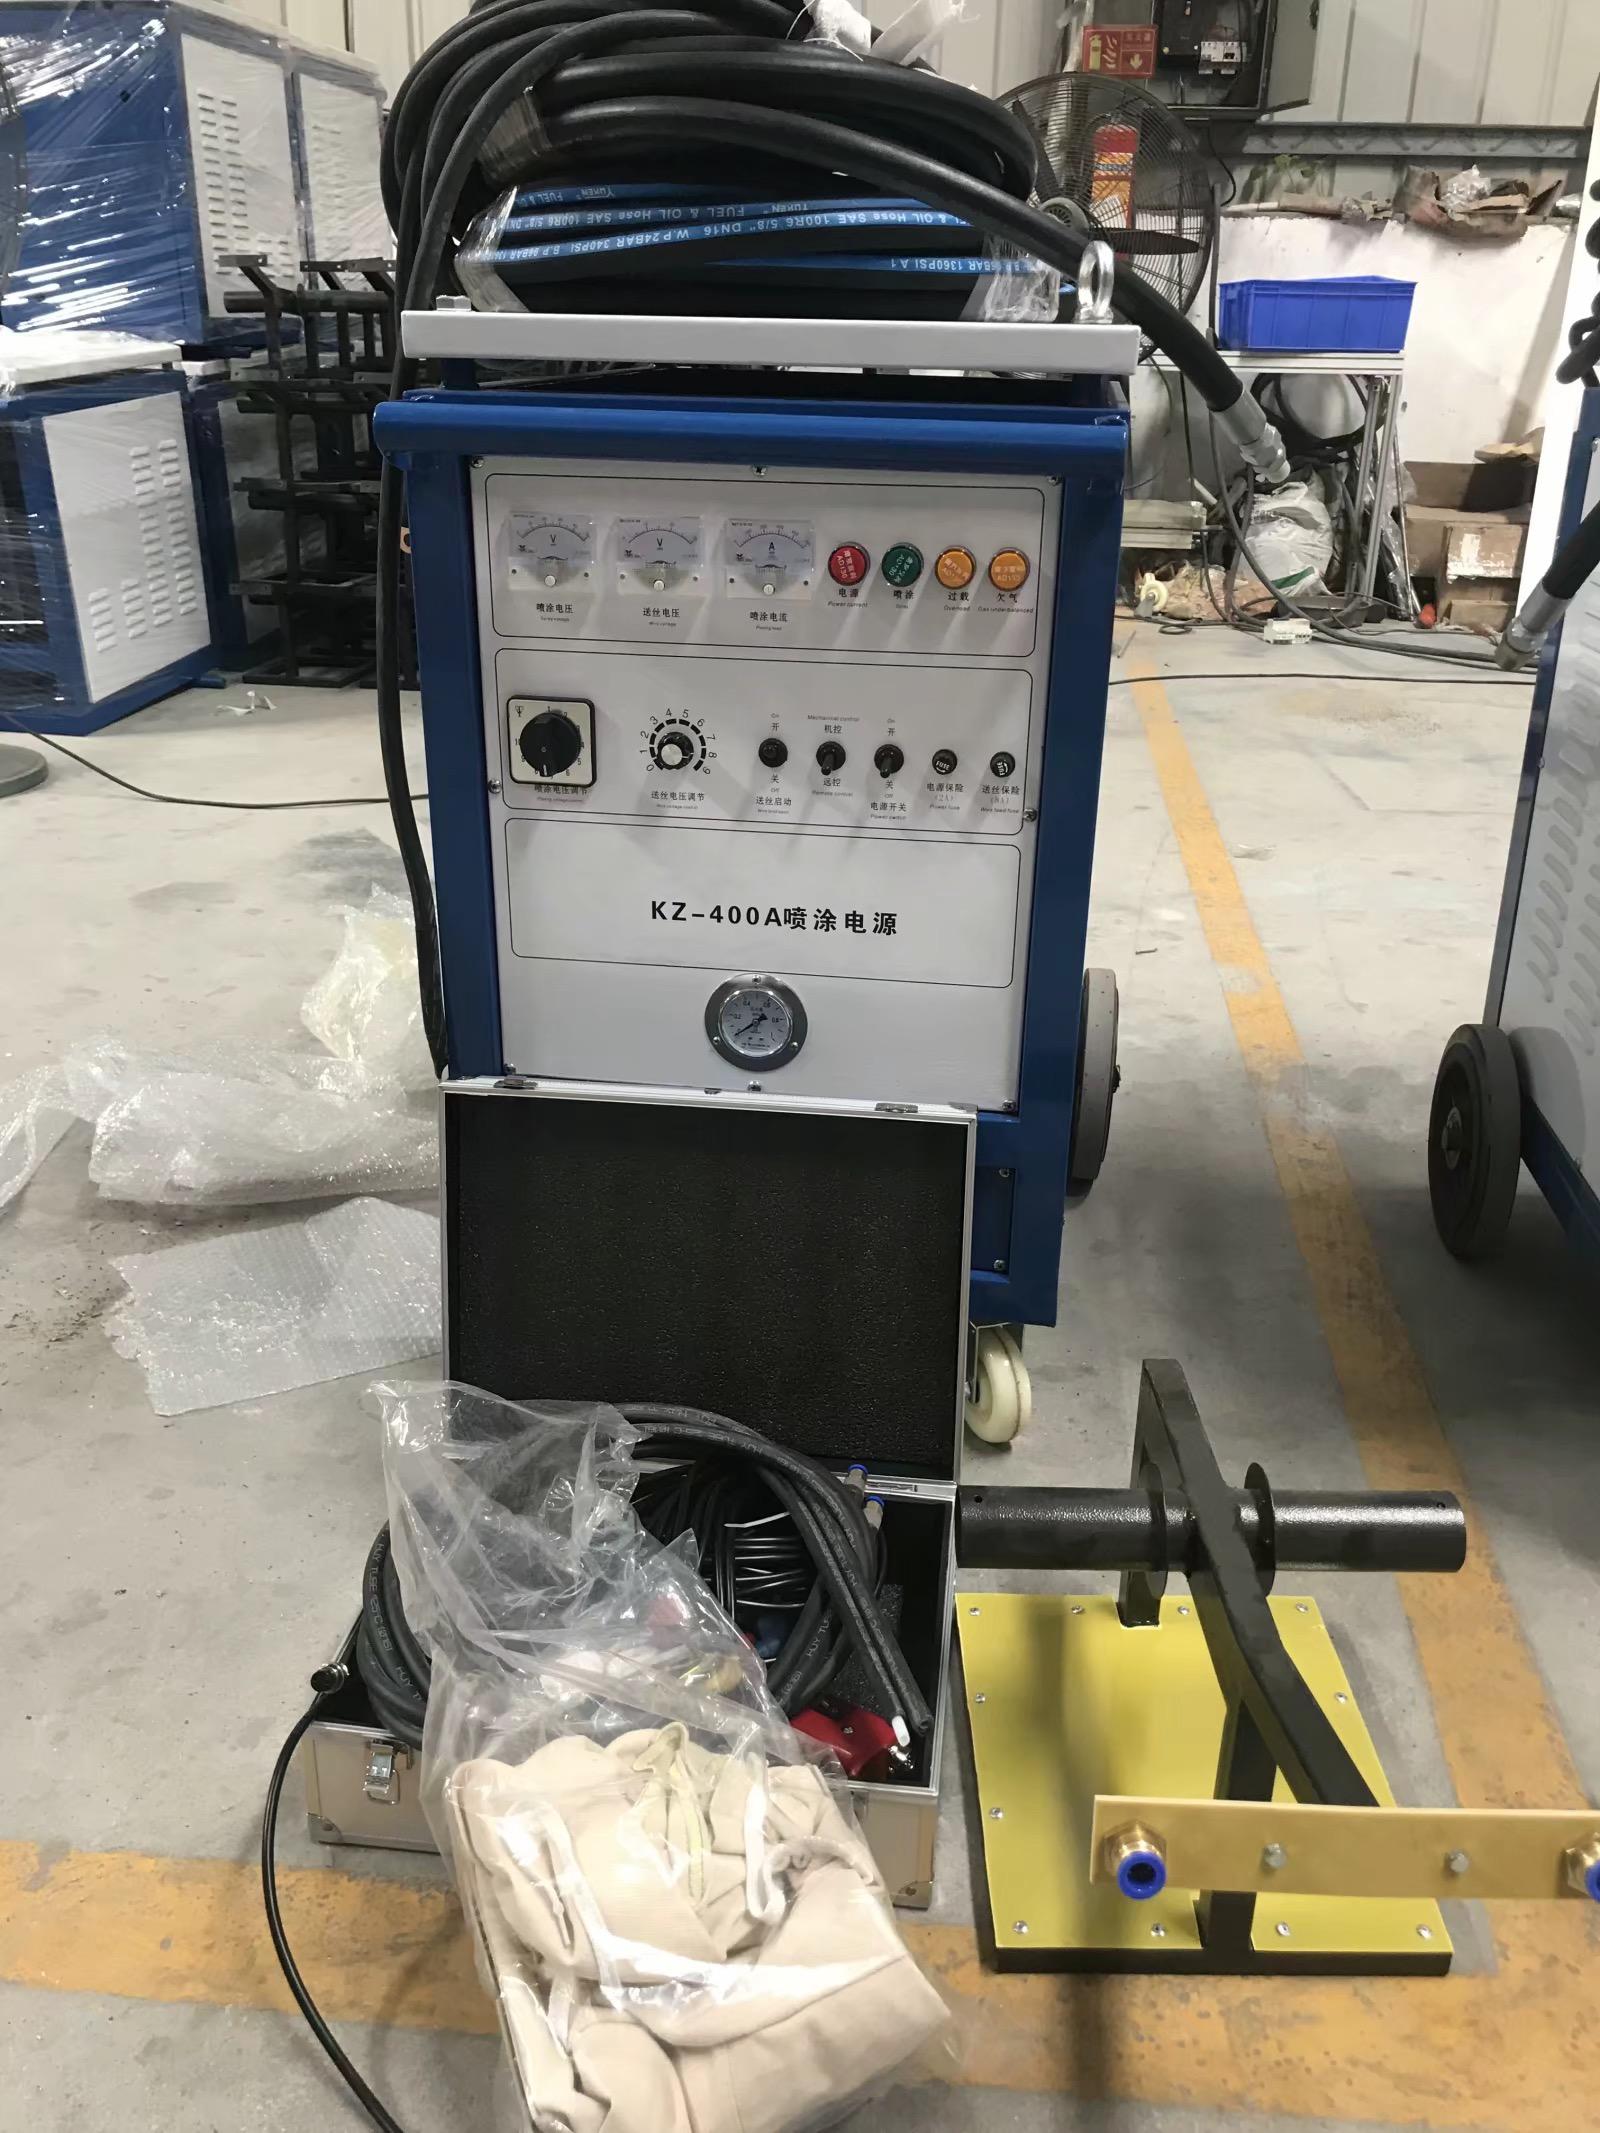 Arc spray system Thermal spraying wrie machine arc spraying machine